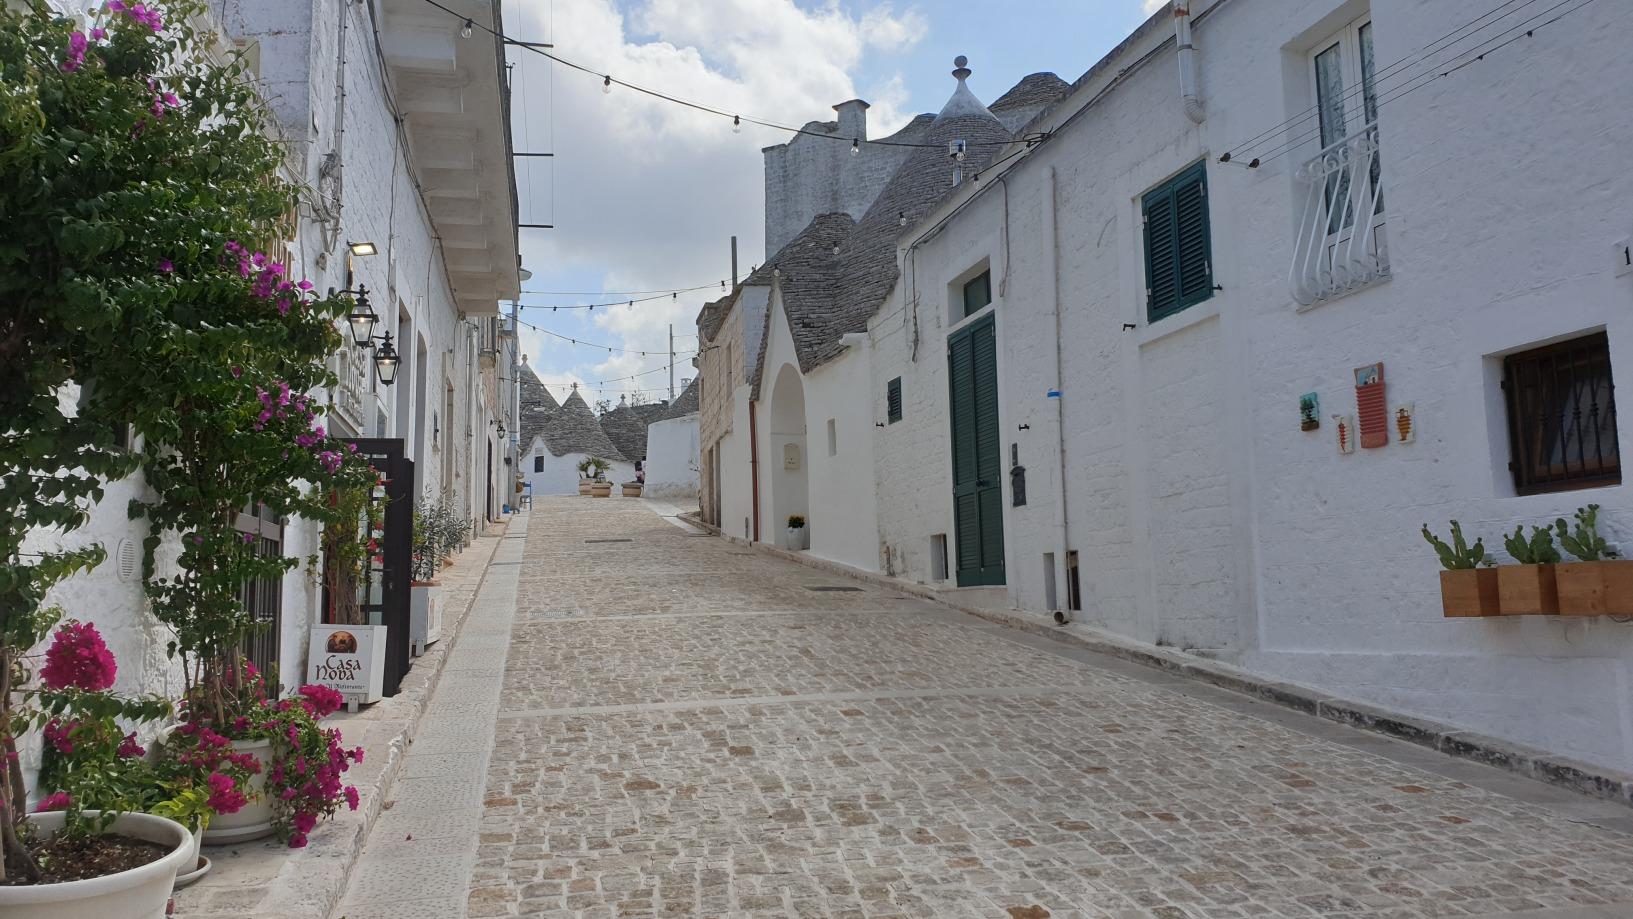 Apulia132